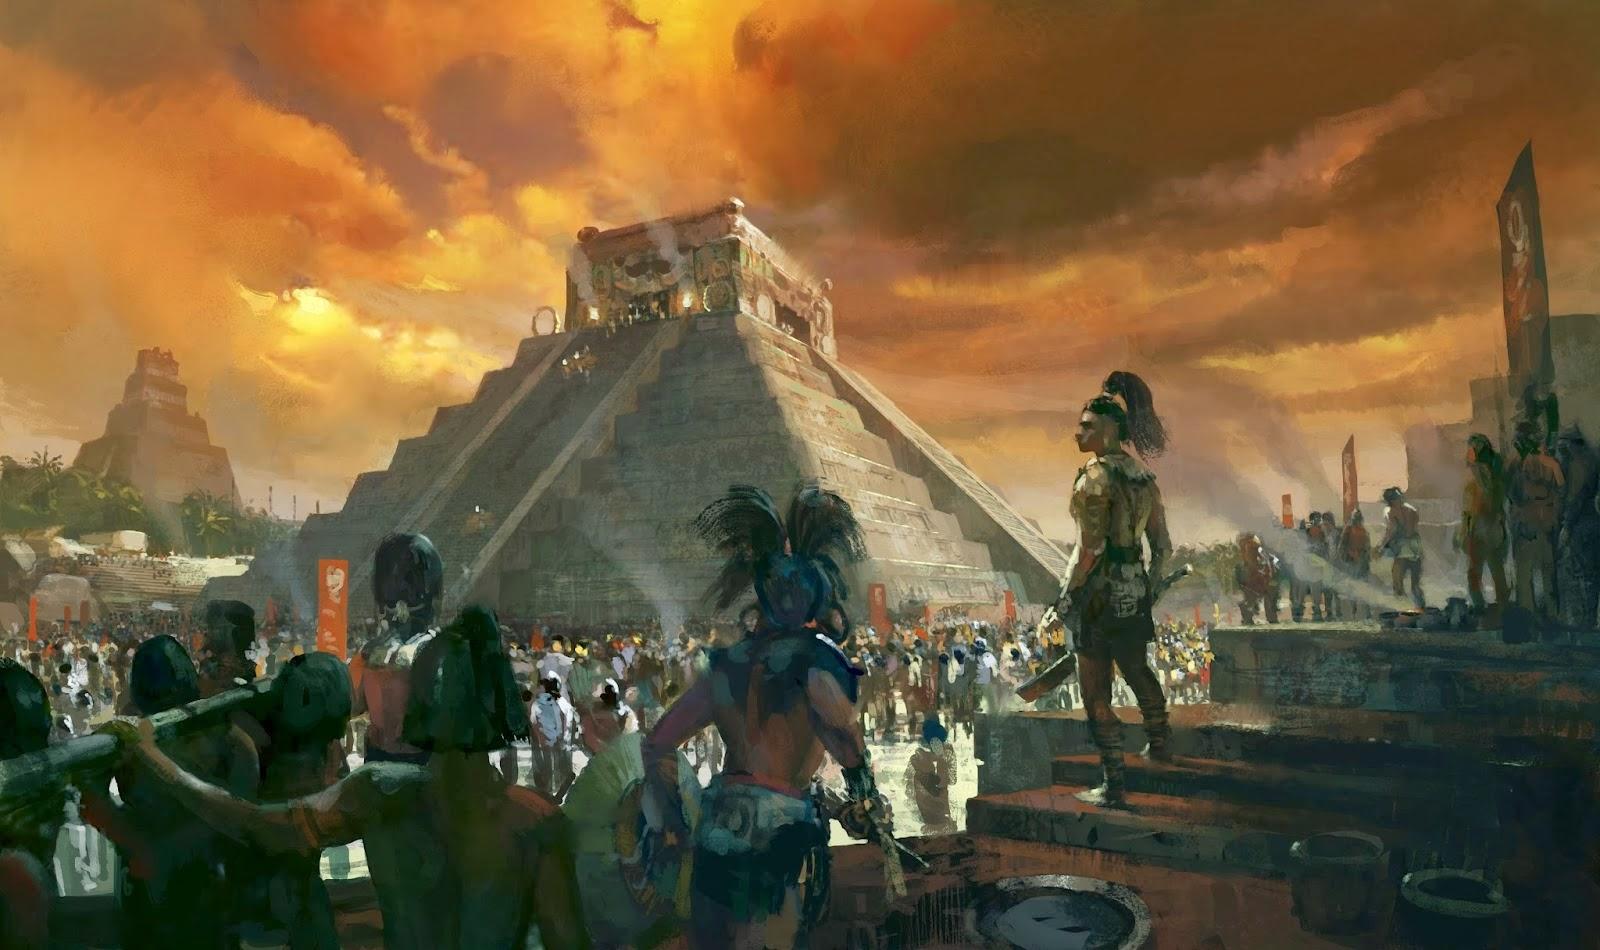 La Construcción de un Imperio: Los Mayas (8-14)